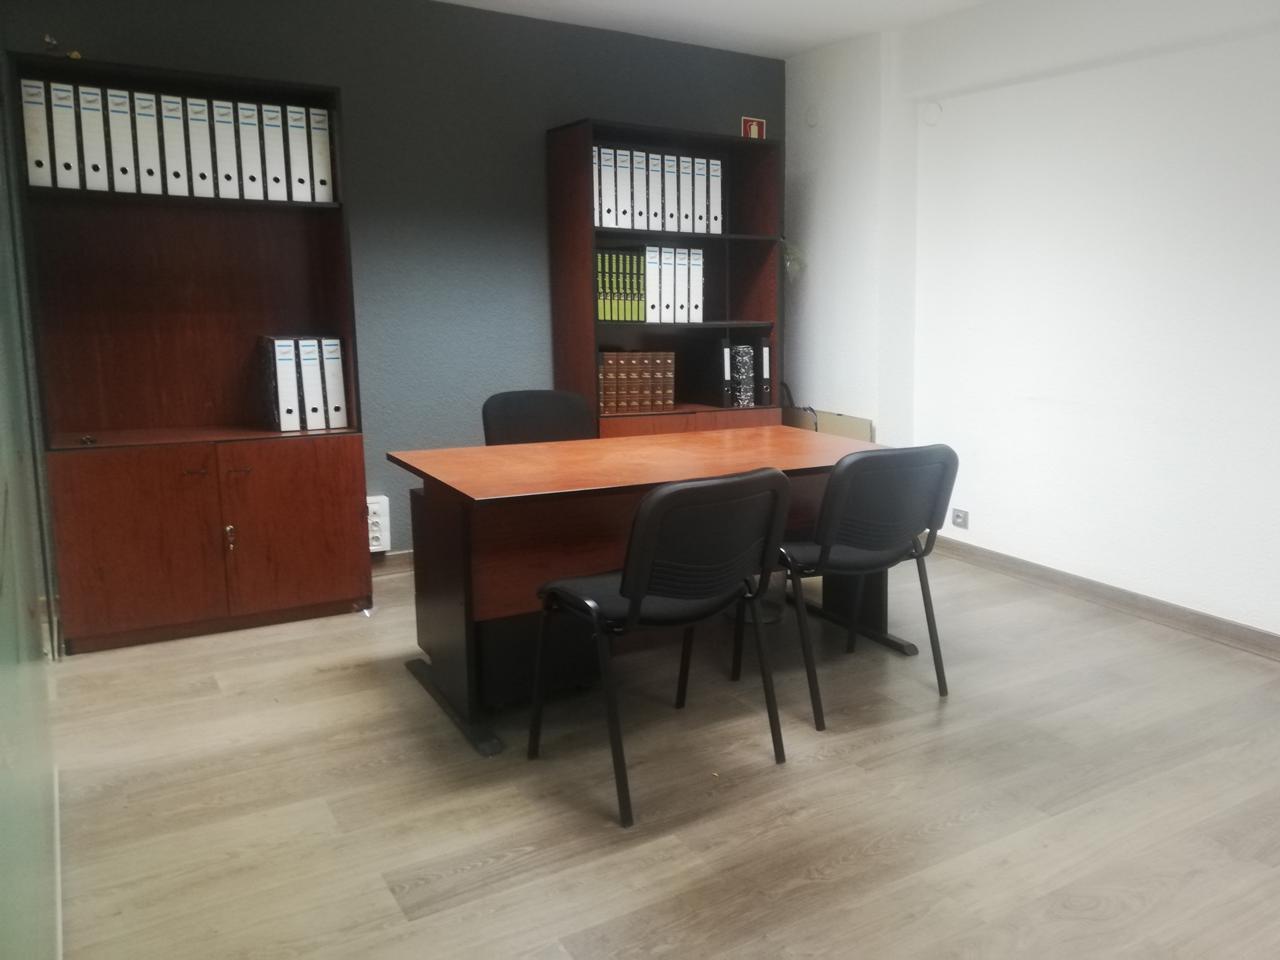 Oficina en alquiler en Logroño de 35 m2. Ref: AO0117